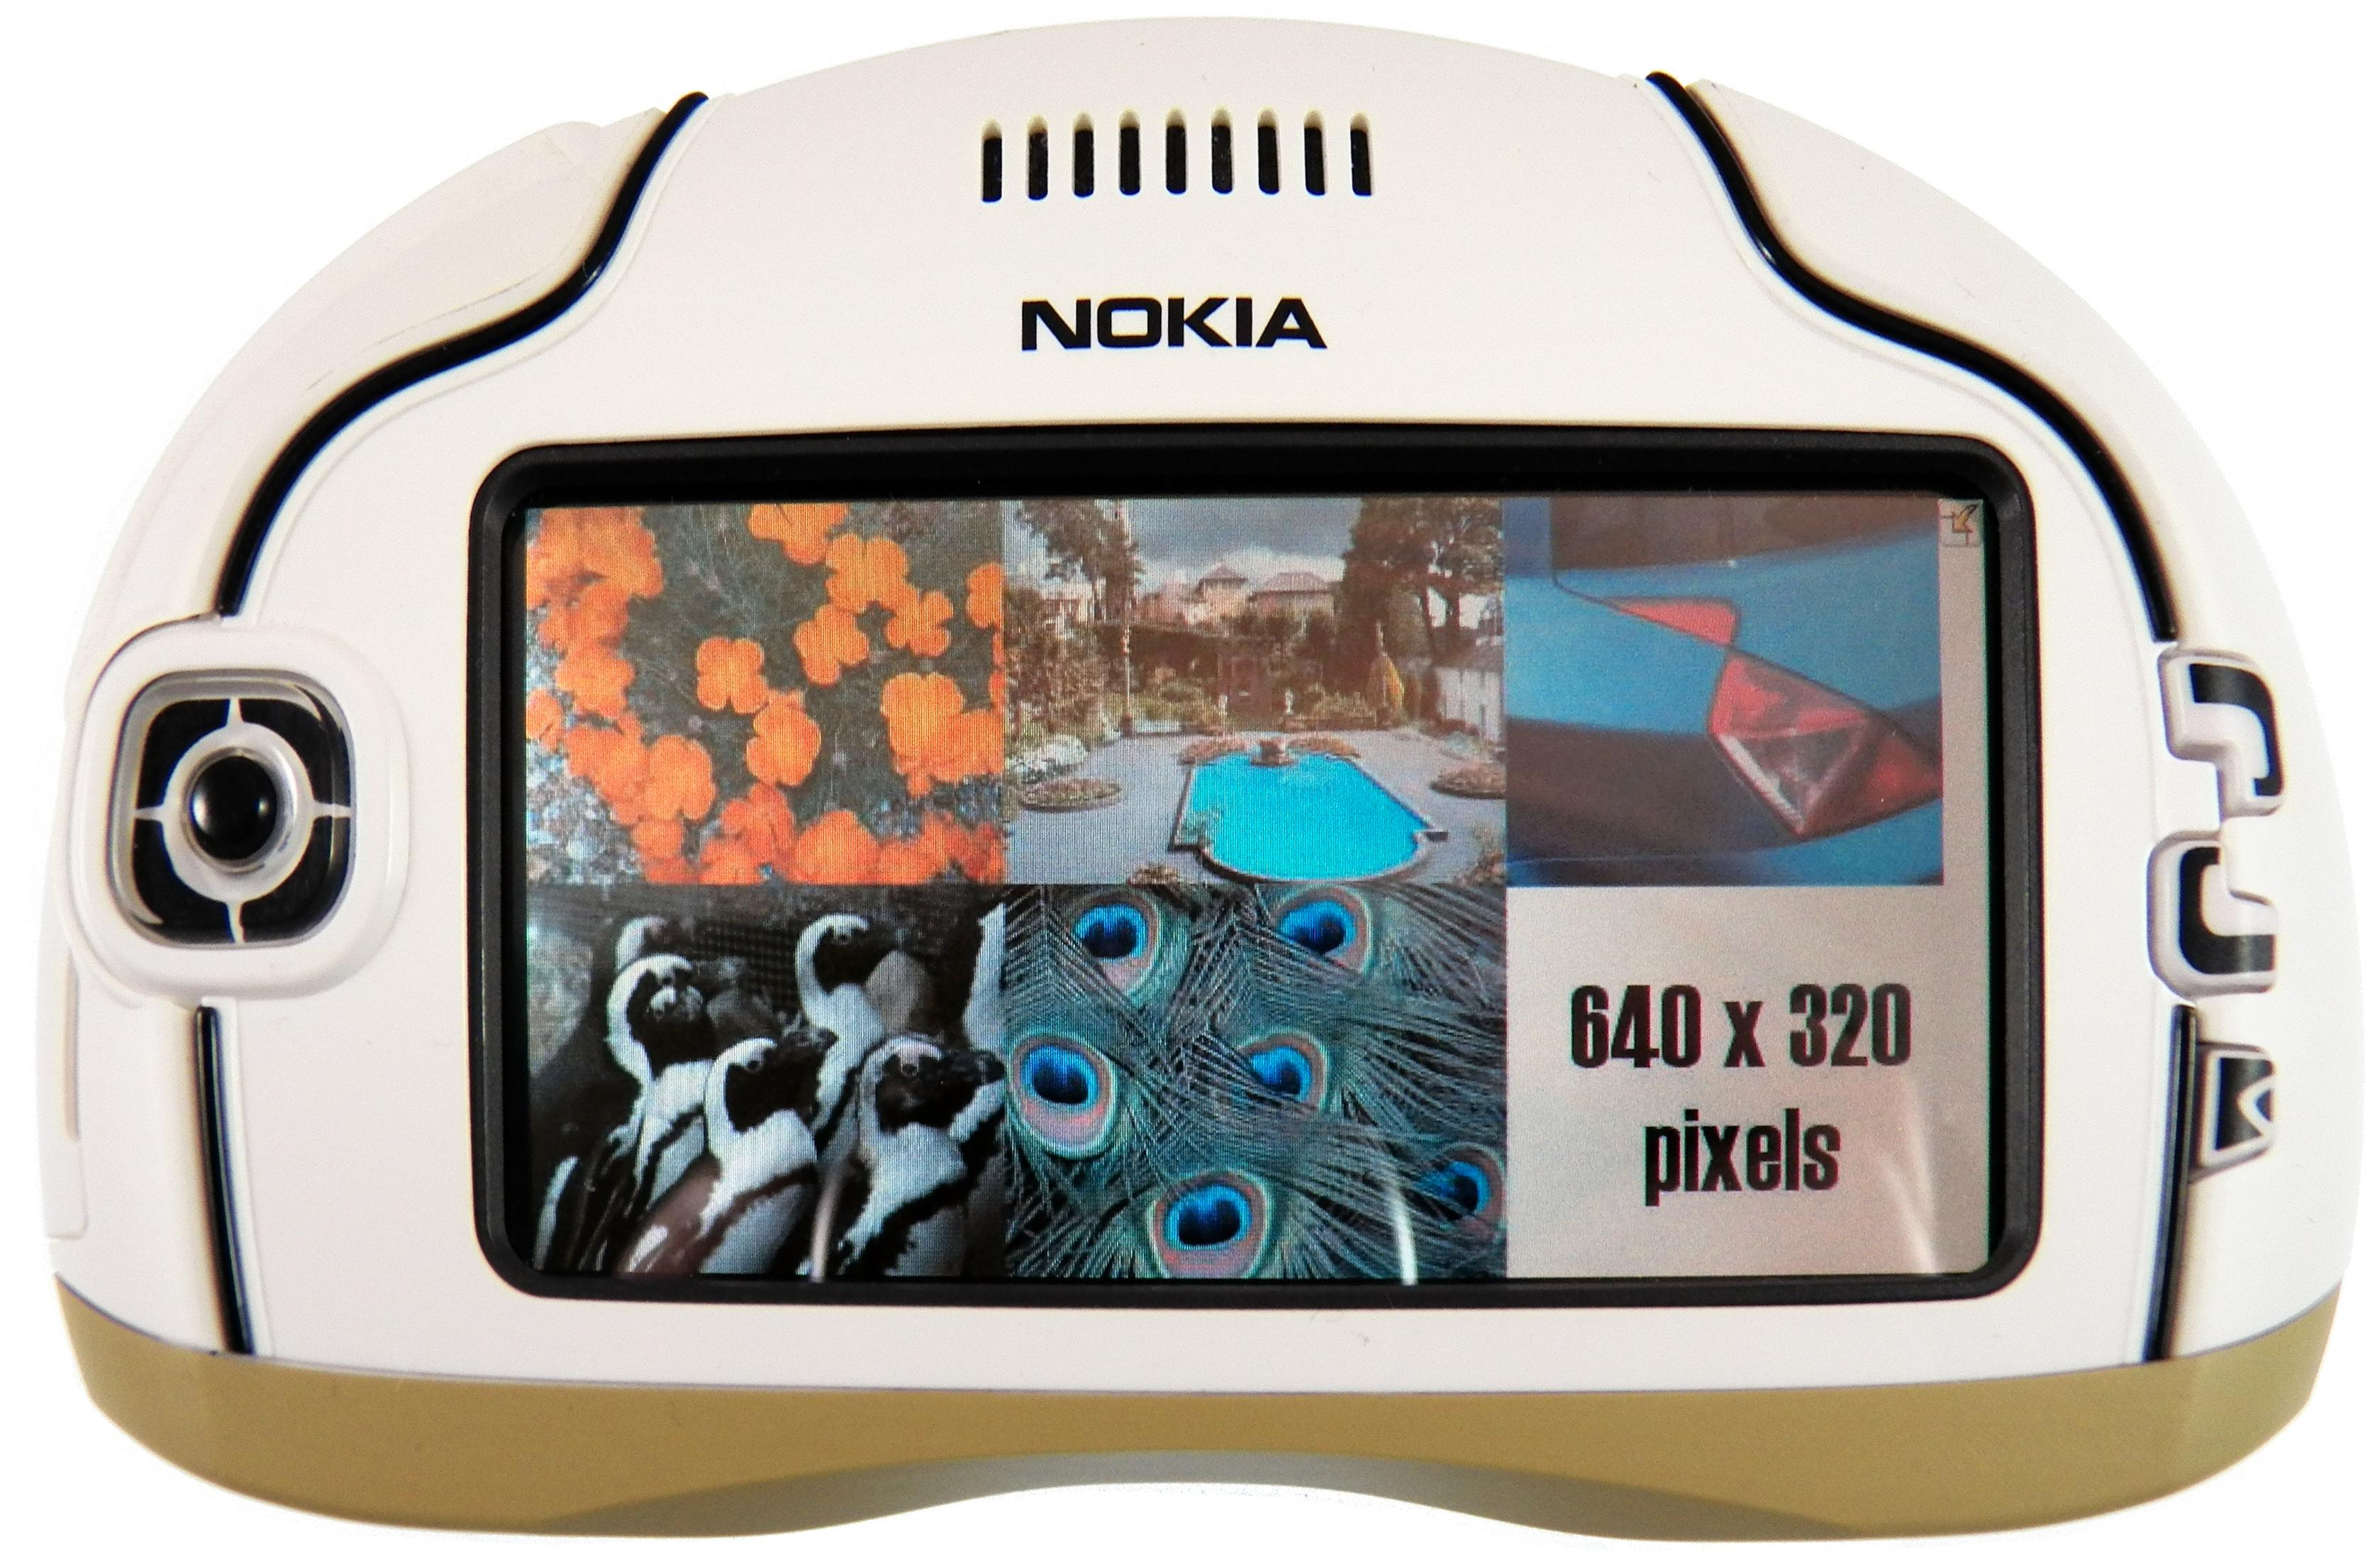 5. Nokia 7700